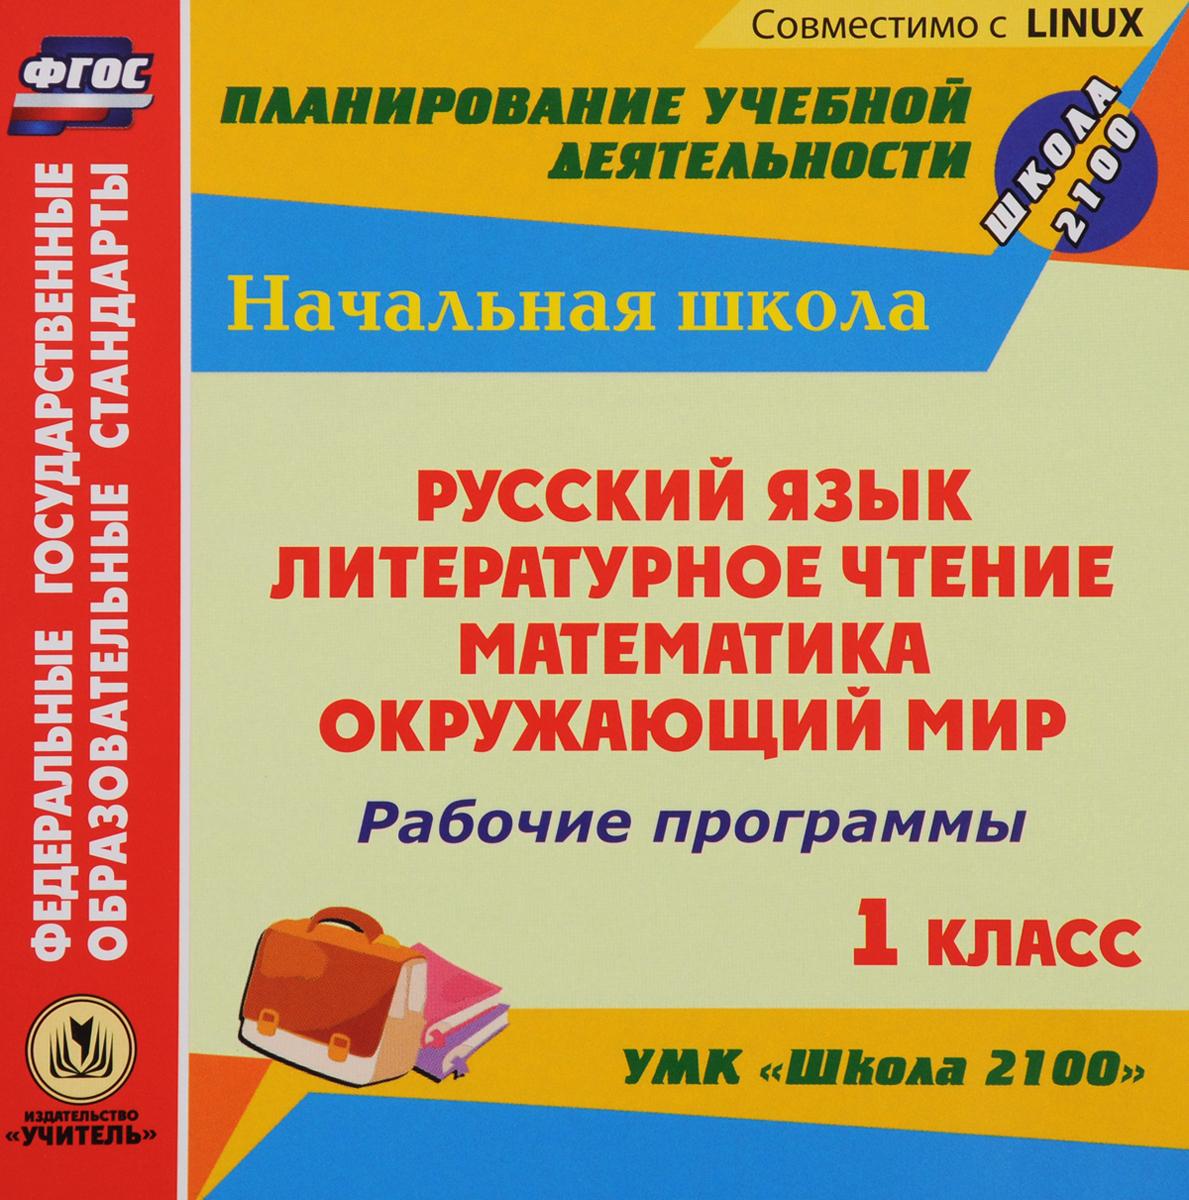 """Рабочие программы. УМК """"Школа 2100"""". 1 класс. Русский язык. Литературное чтение. Математика. Окружающий мир"""